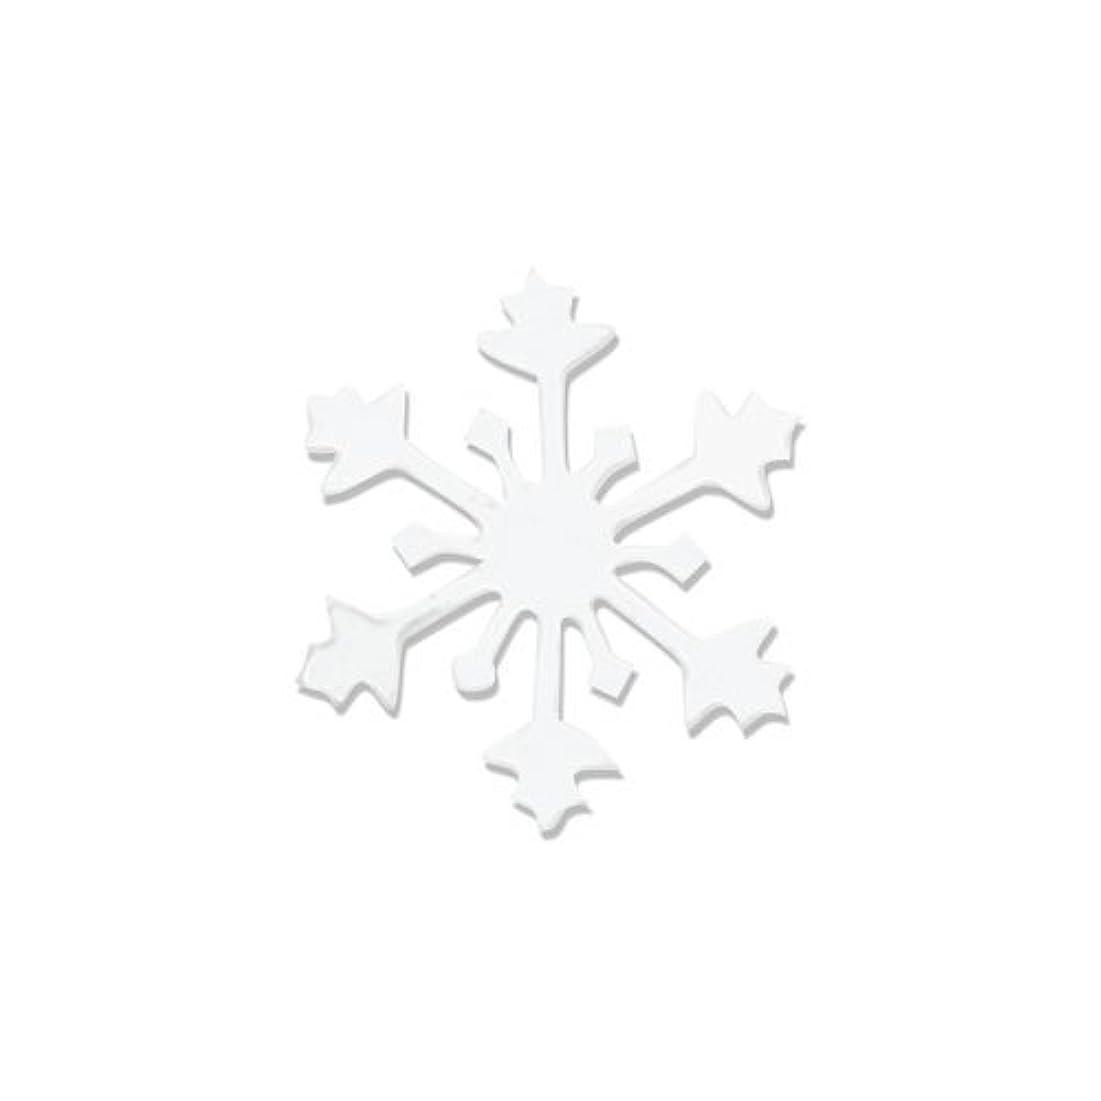 剃るユーザー理論的リトルプリティー ネイルアートパーツ スノークリスタル SS ホワイト 15個